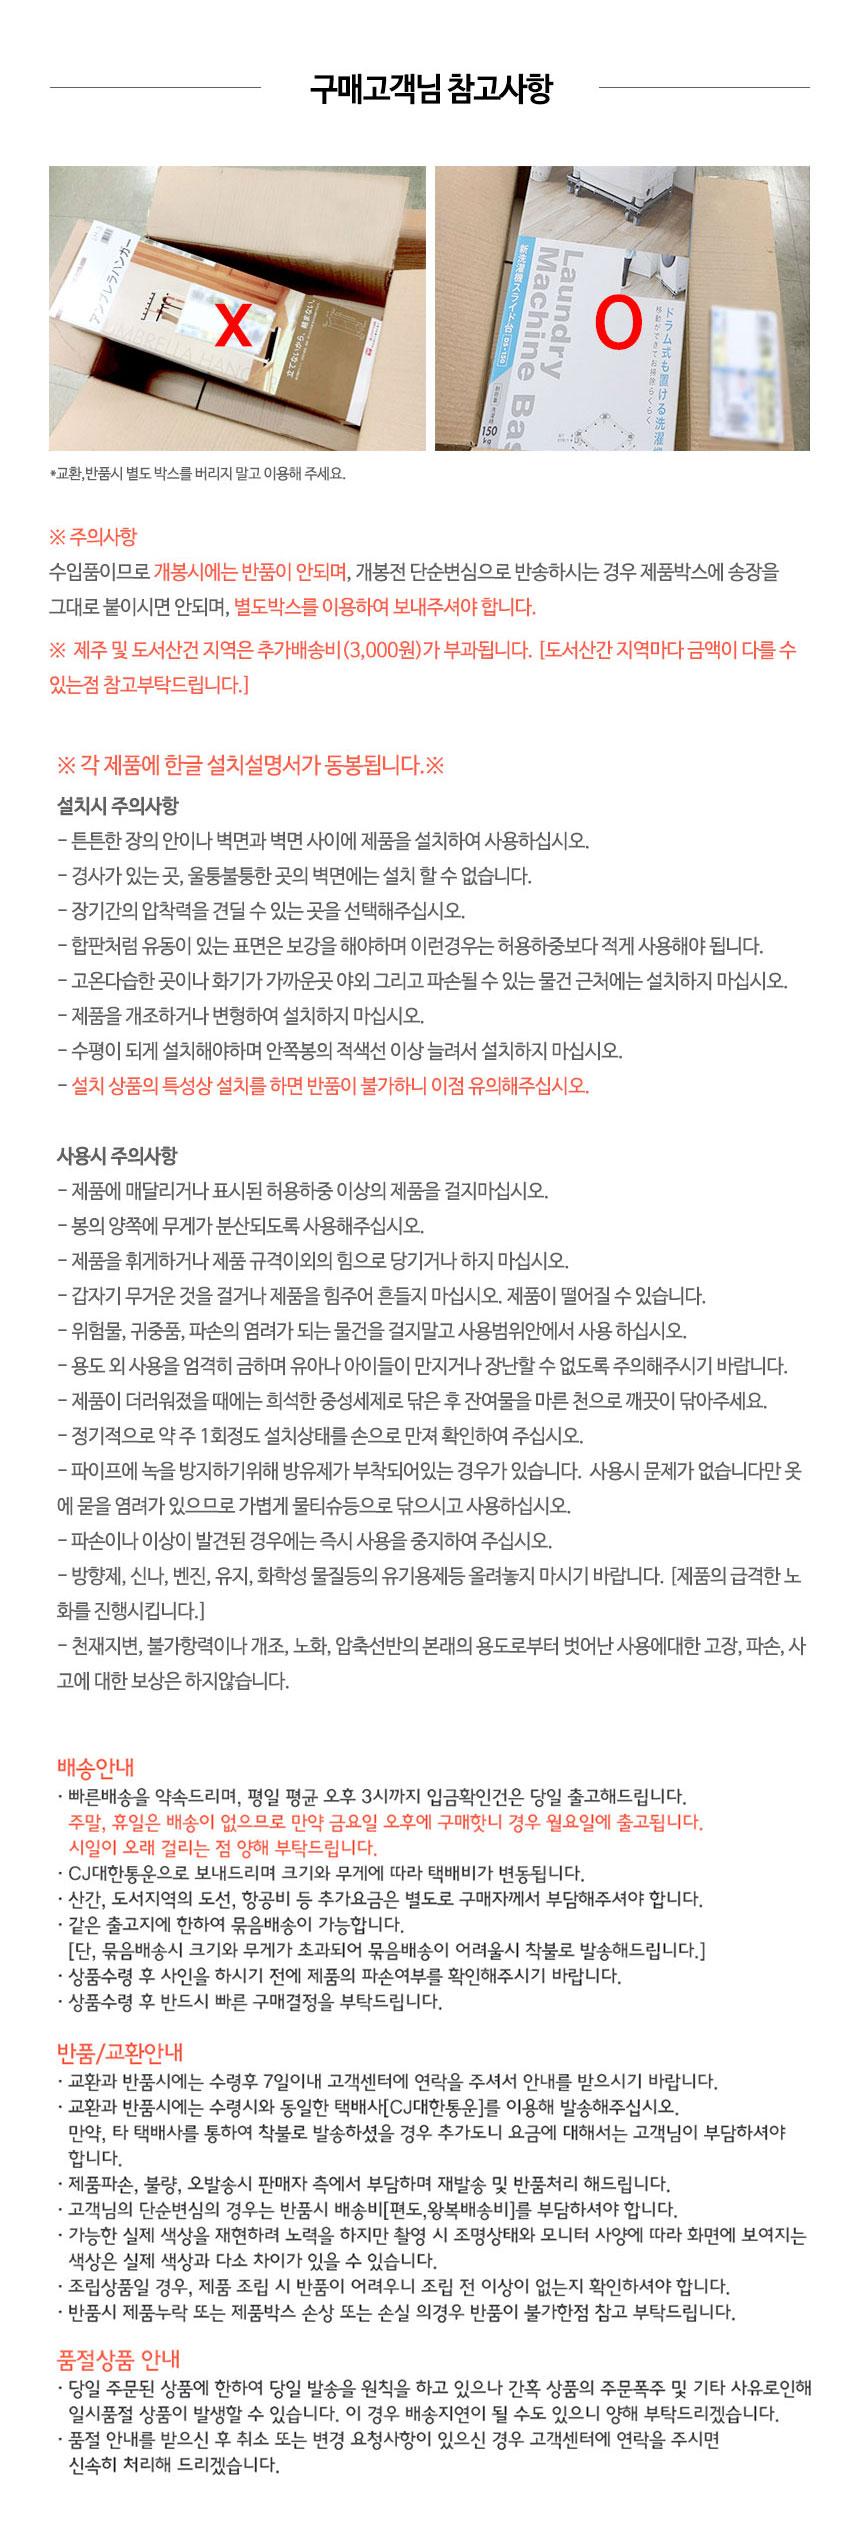 세탁기 선반 사이드랙 CW-86 - 헤이안신도2, 38,000원, 정리/리빙박스, 소품정리함